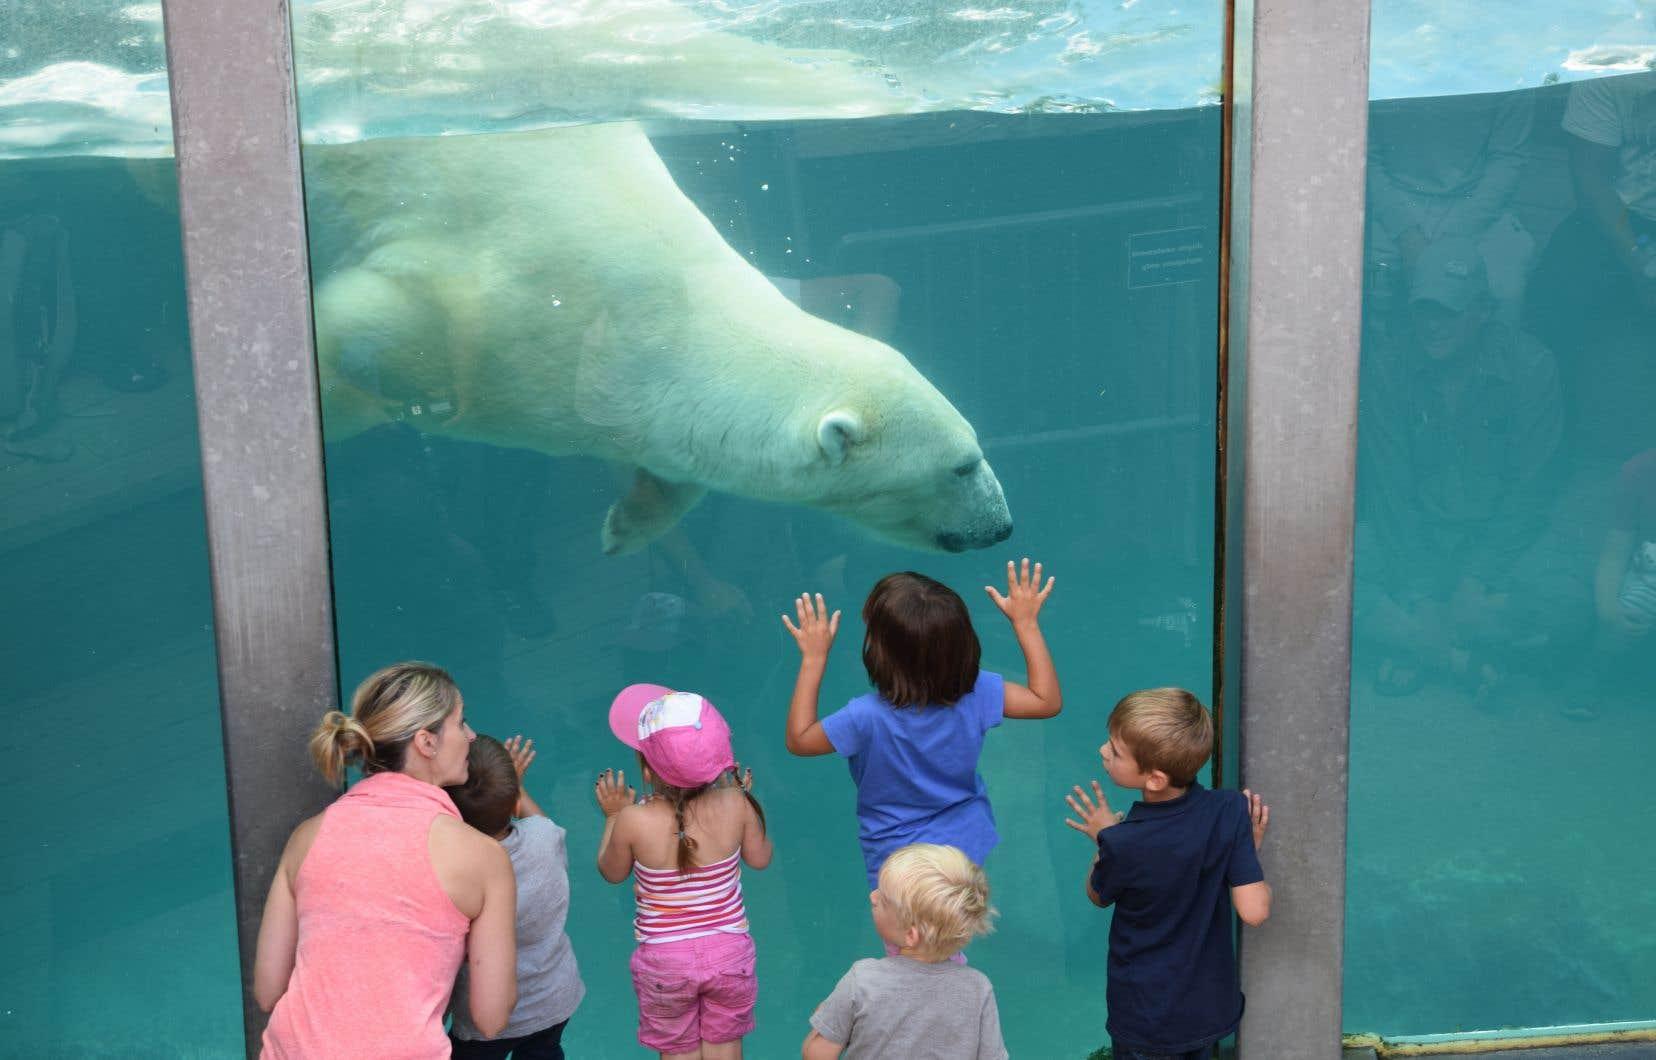 Un ours blanc au zoo de Saint-Félicien. Les jardins zoologiques permettent aux gens d'être en contact avec les animaux.